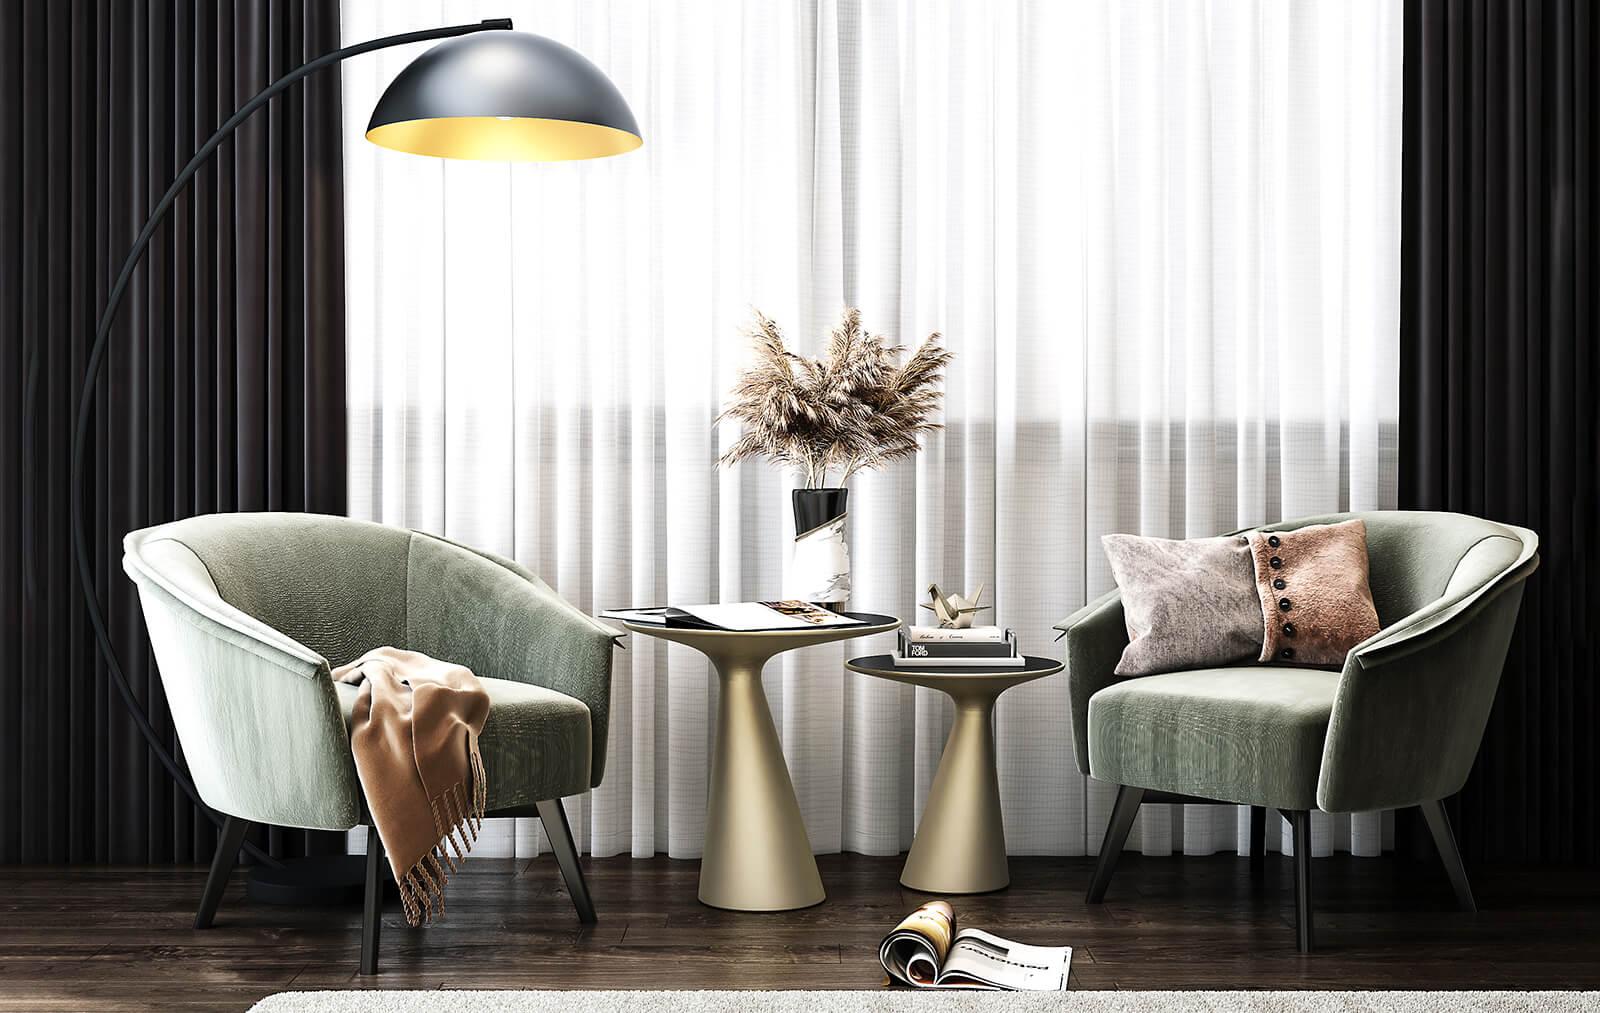 interioren-dizain-proekt-na-luksozna-kashta-spalnya